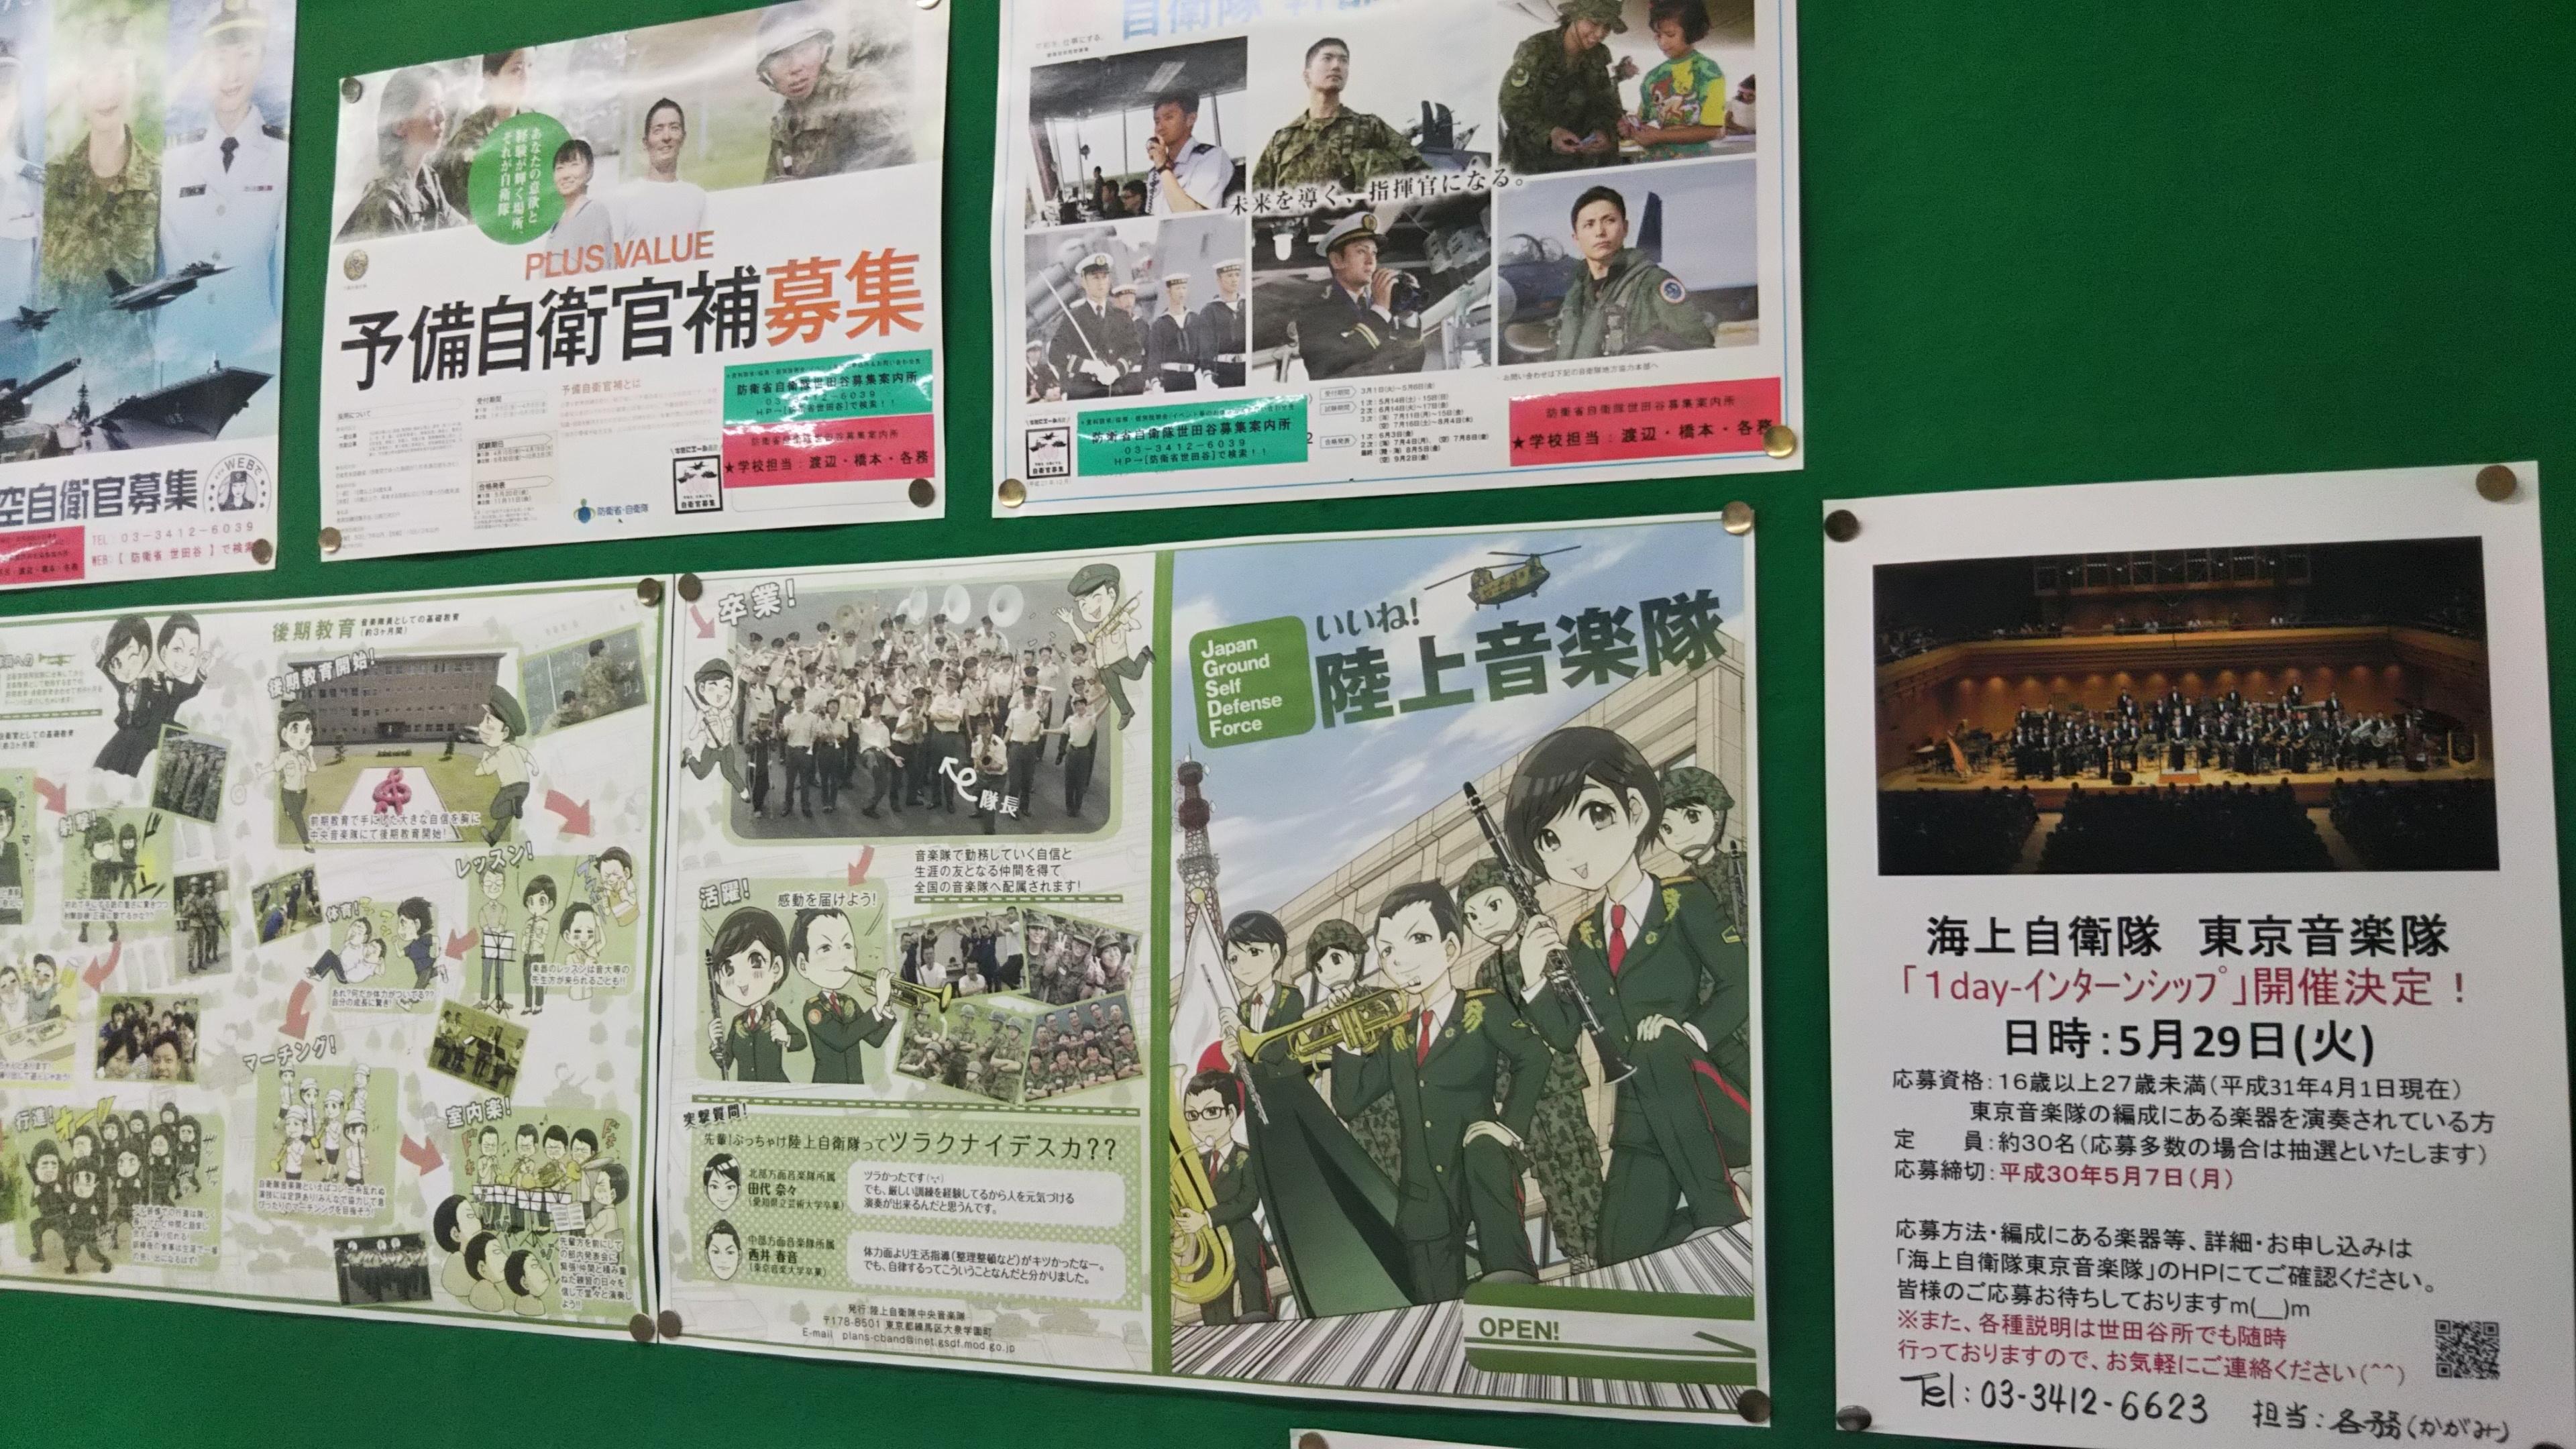 国立音楽院の受付近くにある掲示板。自衛隊の音楽隊に関するおしらせが複数枚掲示され、特集されています。